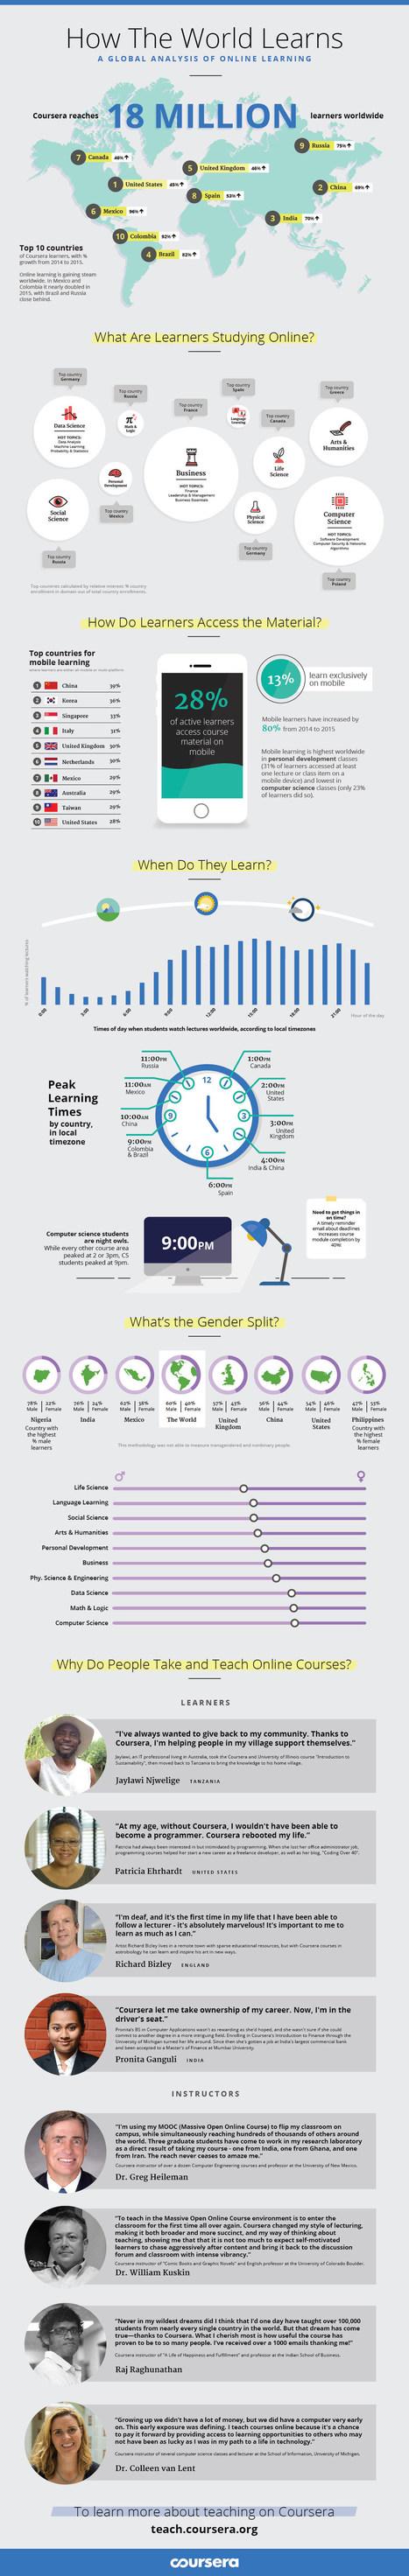 Infographie : How the World Learns, by Coursera | Sciences du numérique et e-education | Scoop.it